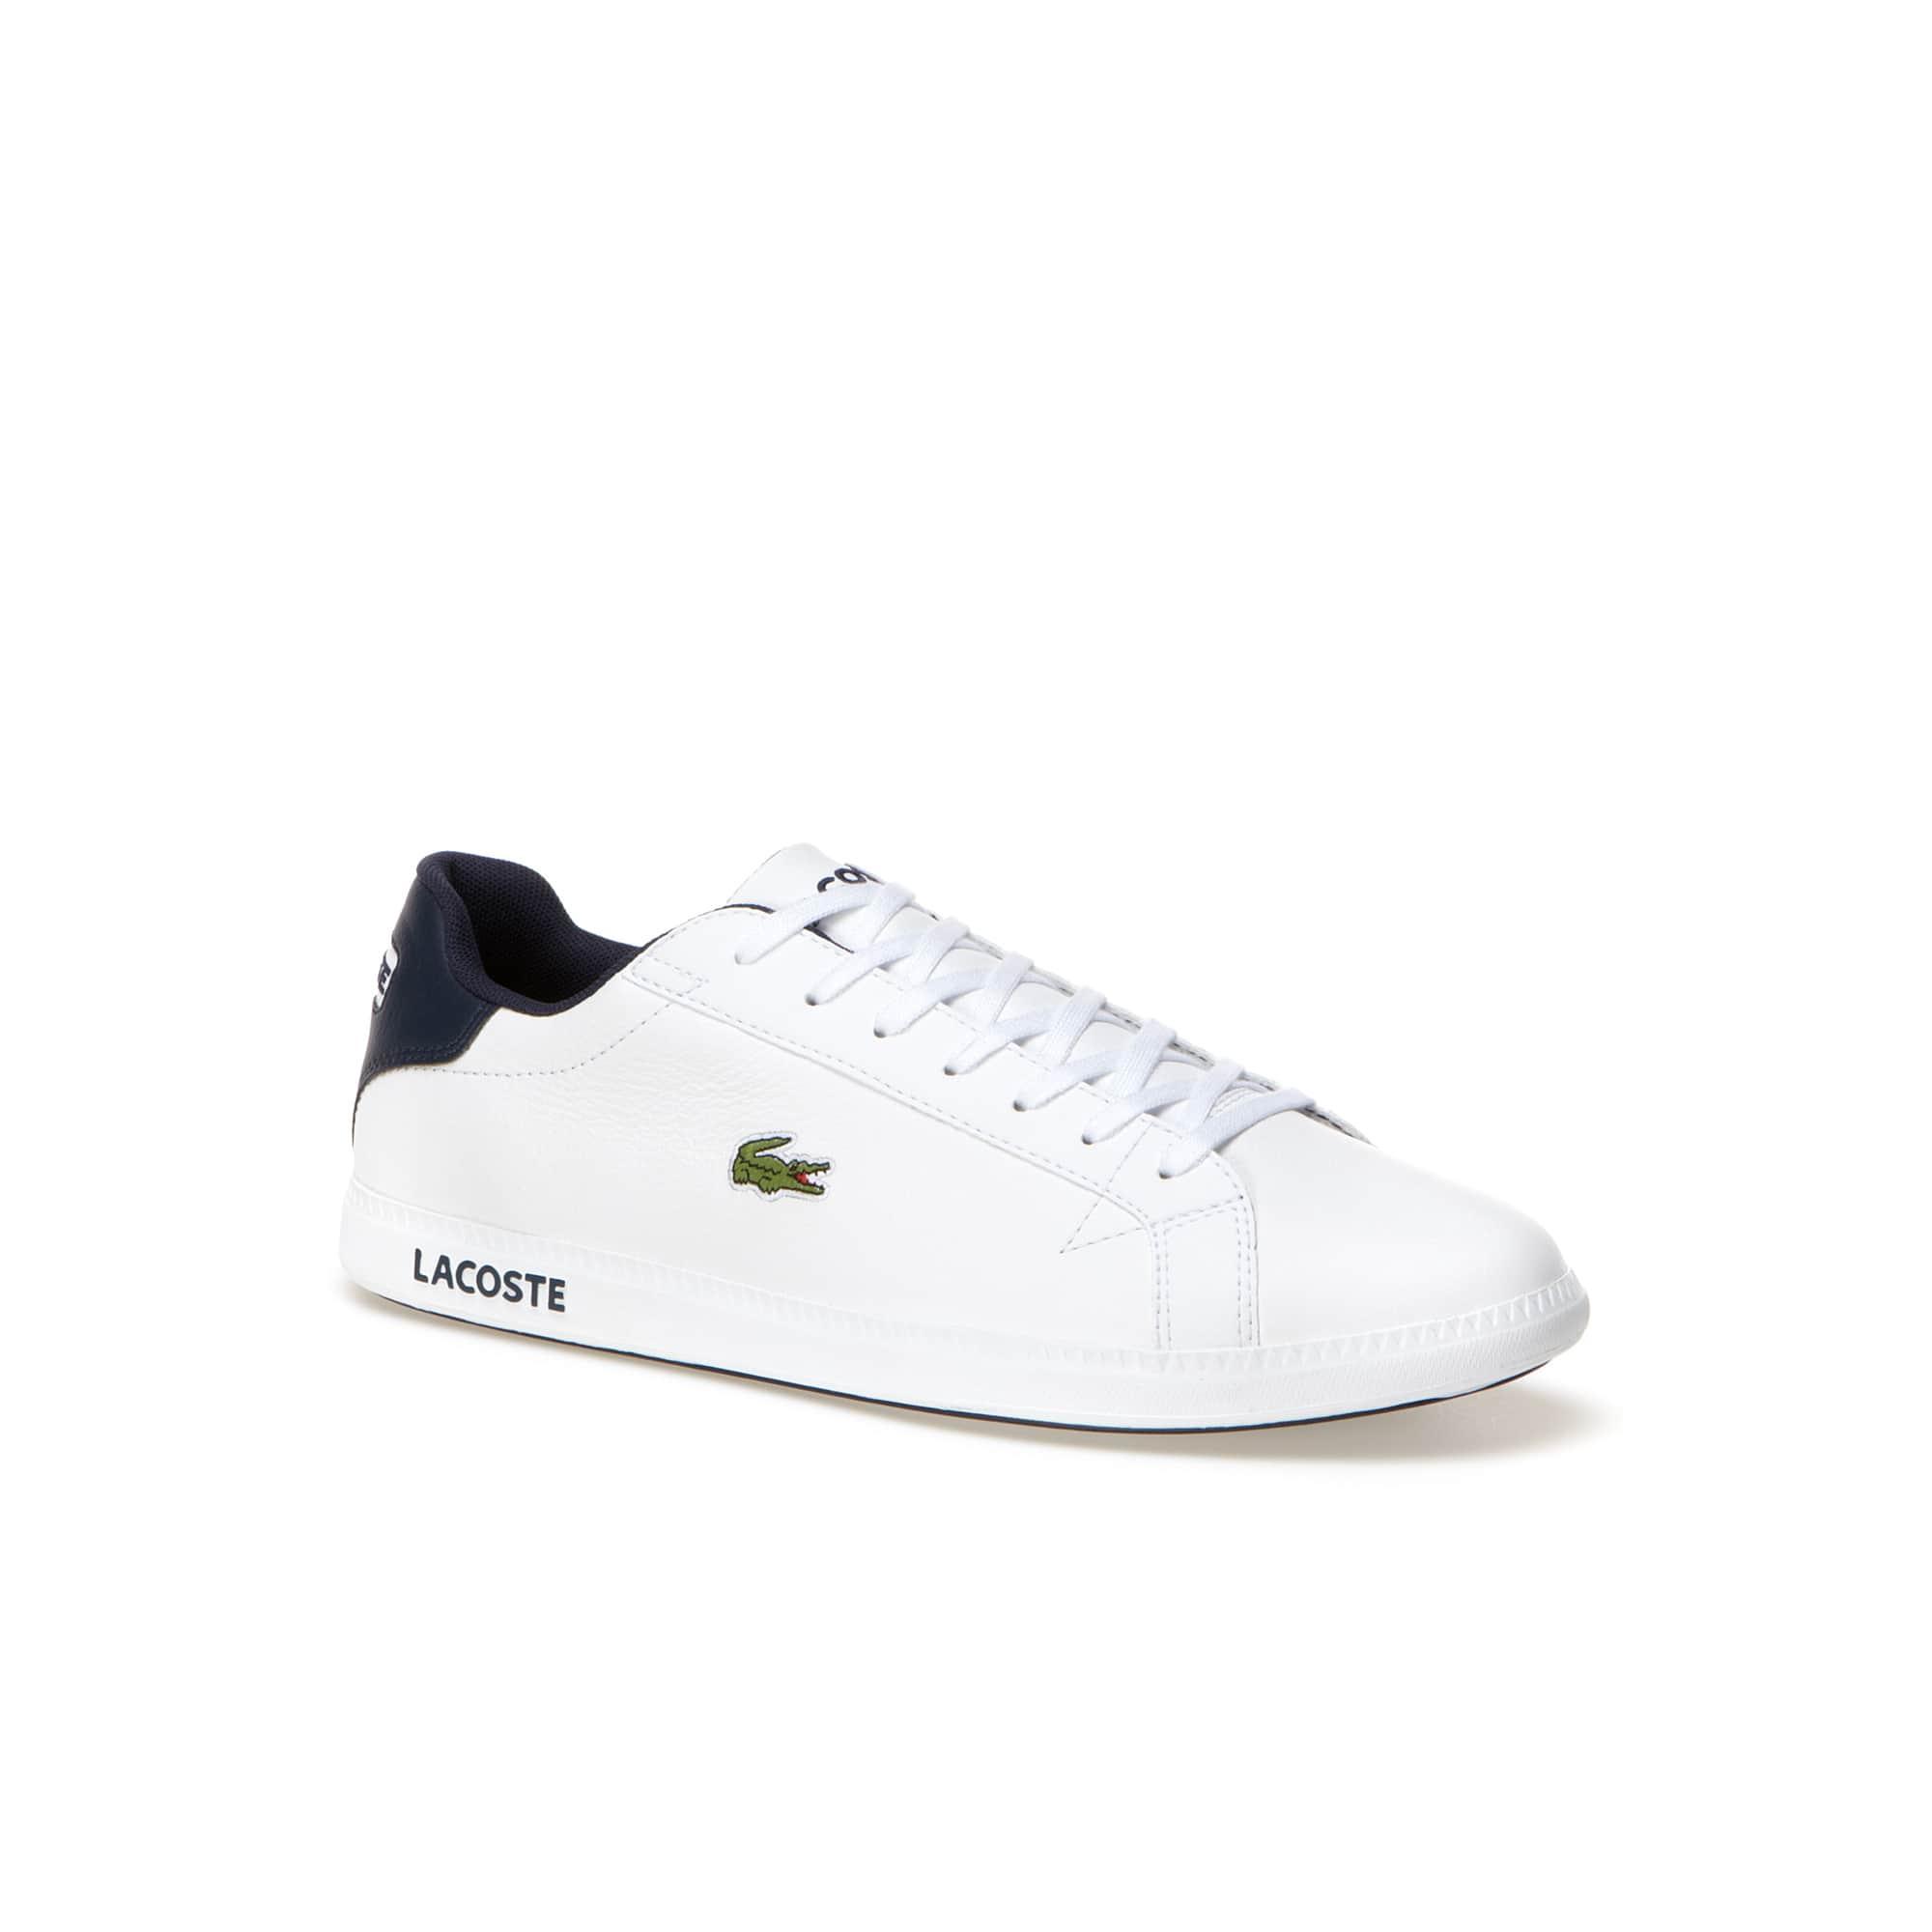 Graduate - Flache Leder-Sneaker mit Außensohle mit Lacoste-Schriftzug